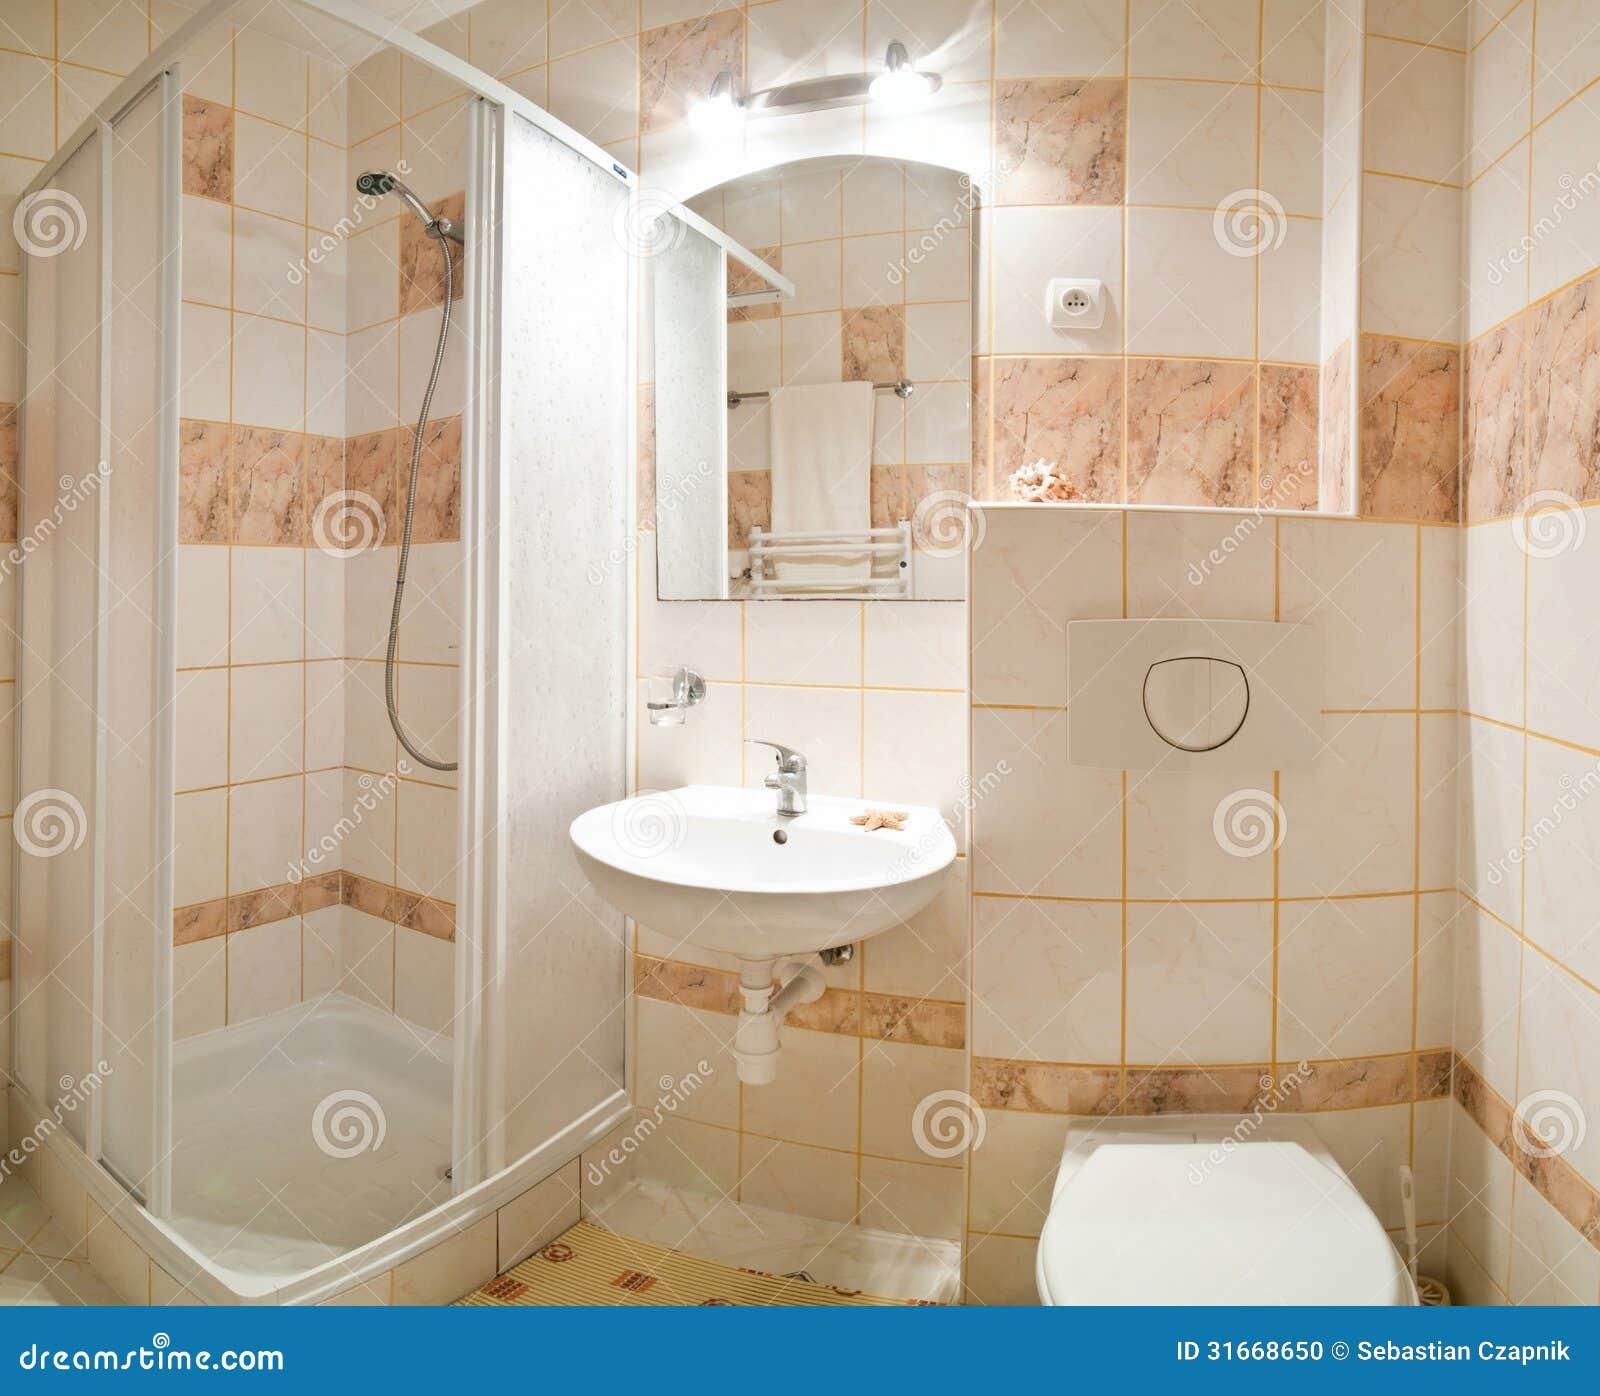 Banheiro Bege Foto de Stock Imagem: 31668650 #85AA21 1300x1151 Banheiro Bege Moderno